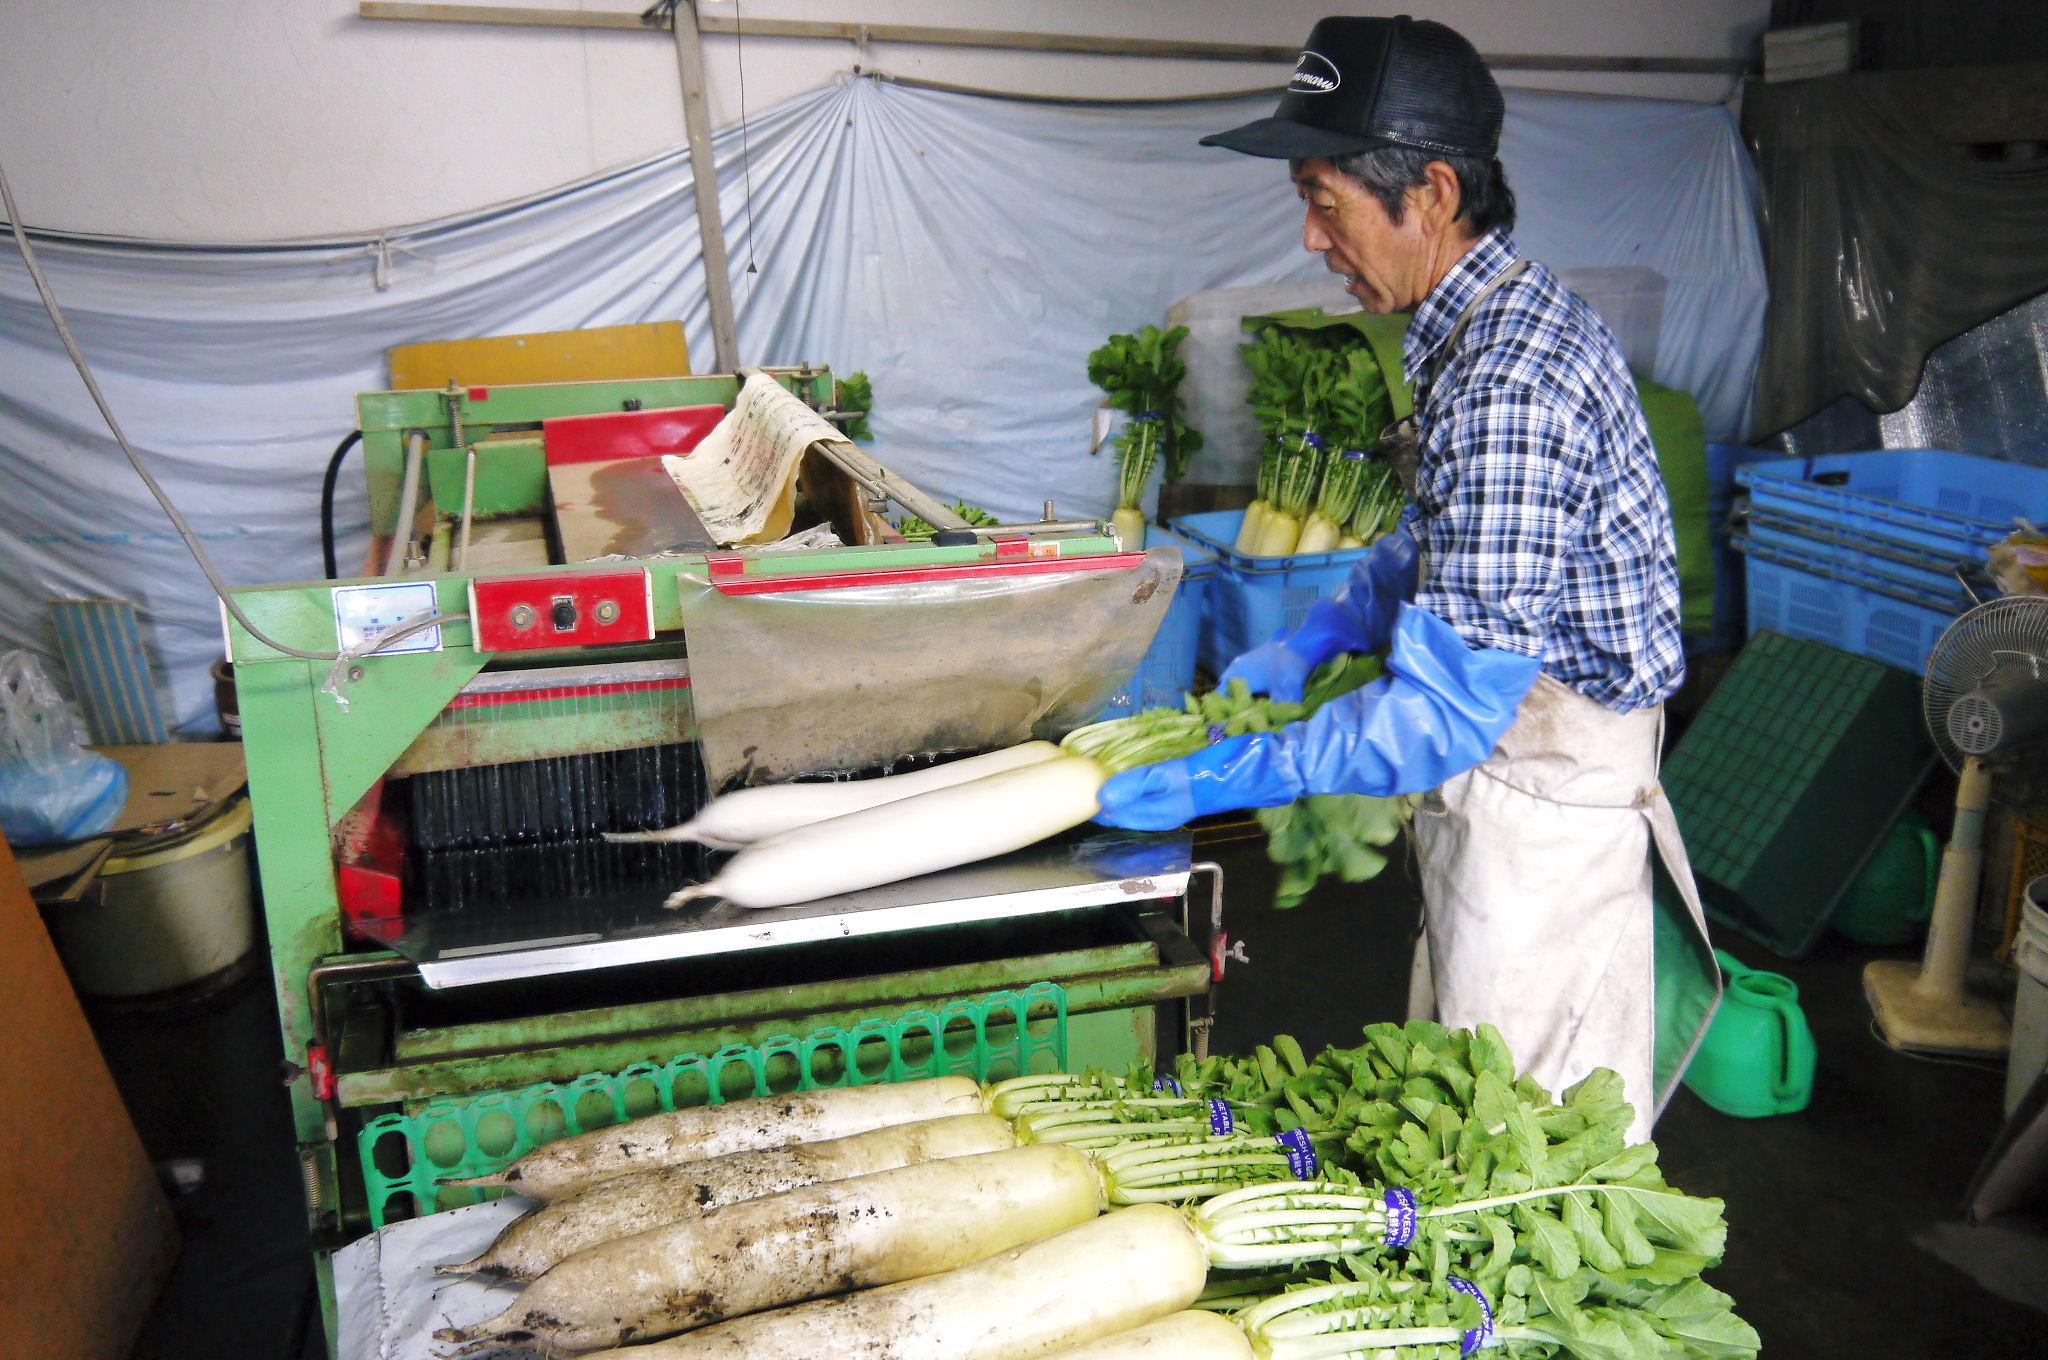 長尾ブランドの新鮮野菜!朝採りダイコン販売再スタート!!_a0254656_172115.jpg